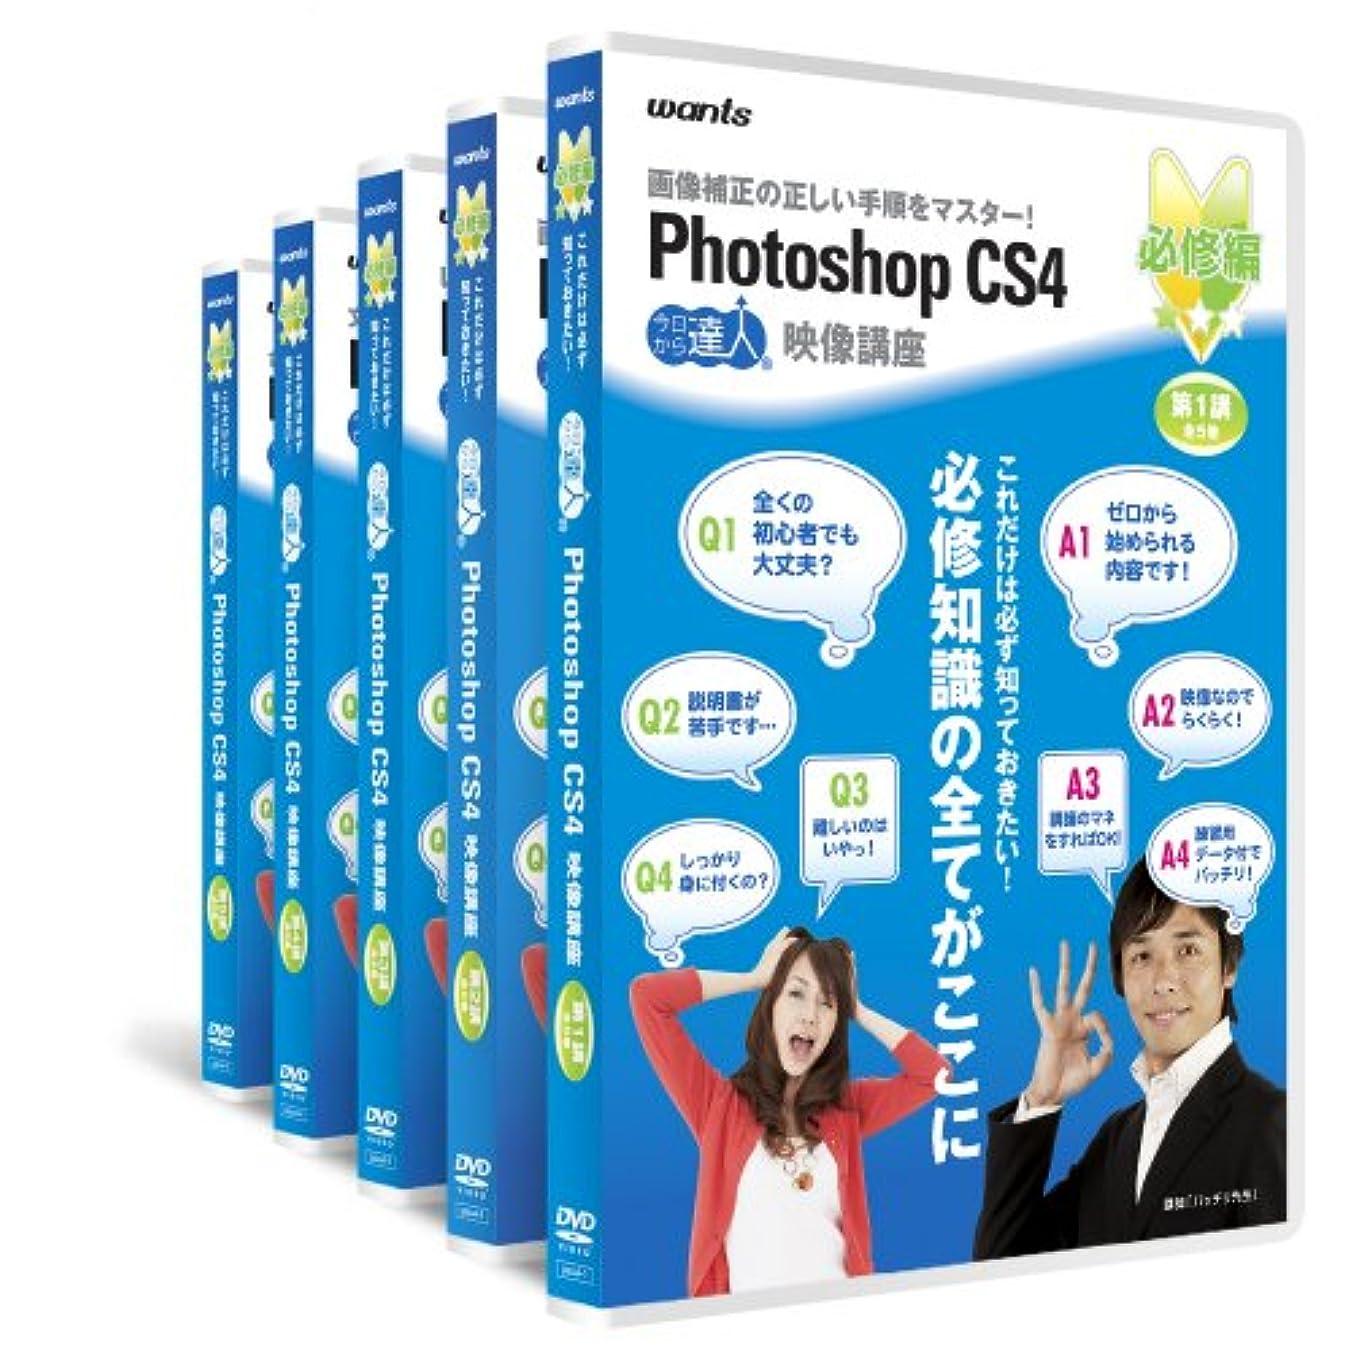 責め調停する心からPhotoshop CS4 :DVD講座 必修編5巻セット